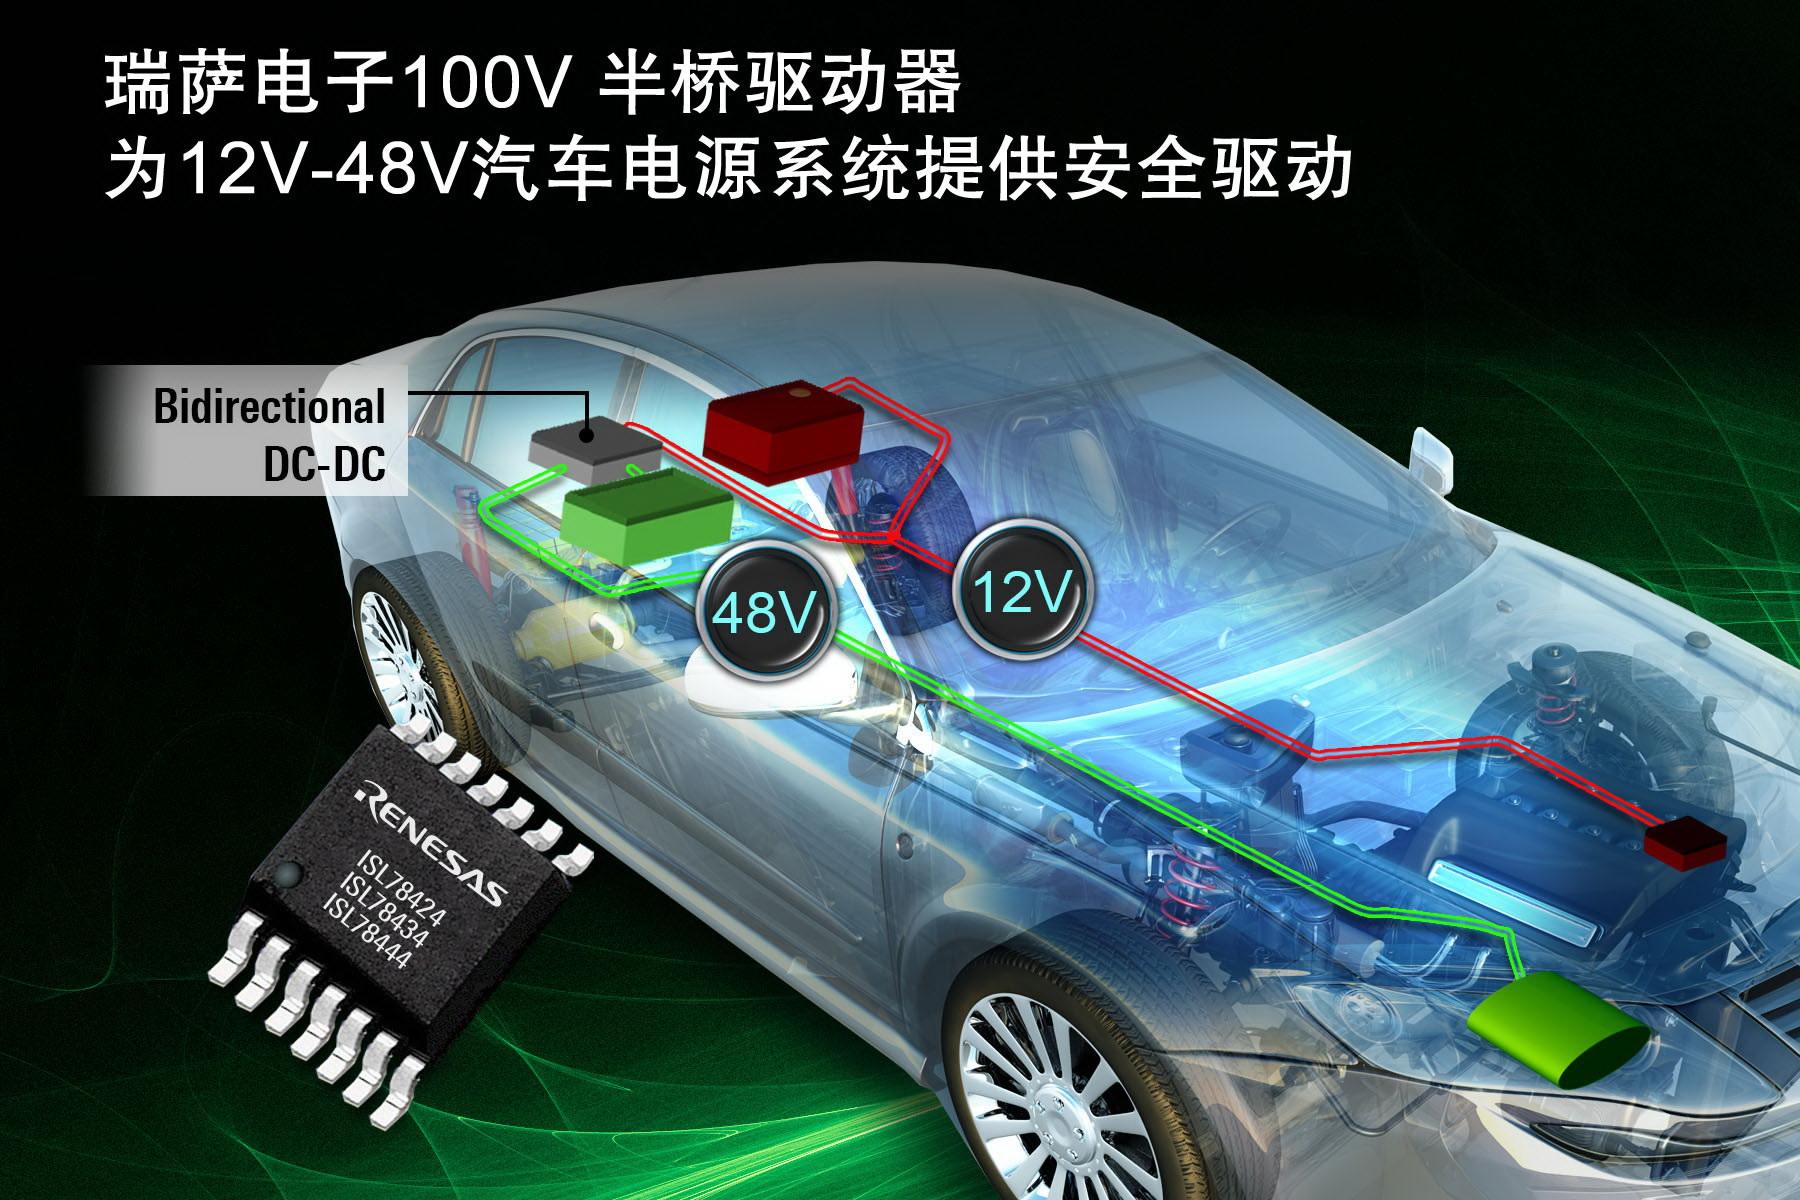 瑞萨电子100V半桥驱动器为12V - 48V汽车混合动力系统的双向电源控制器MOSFET提供安全驱动